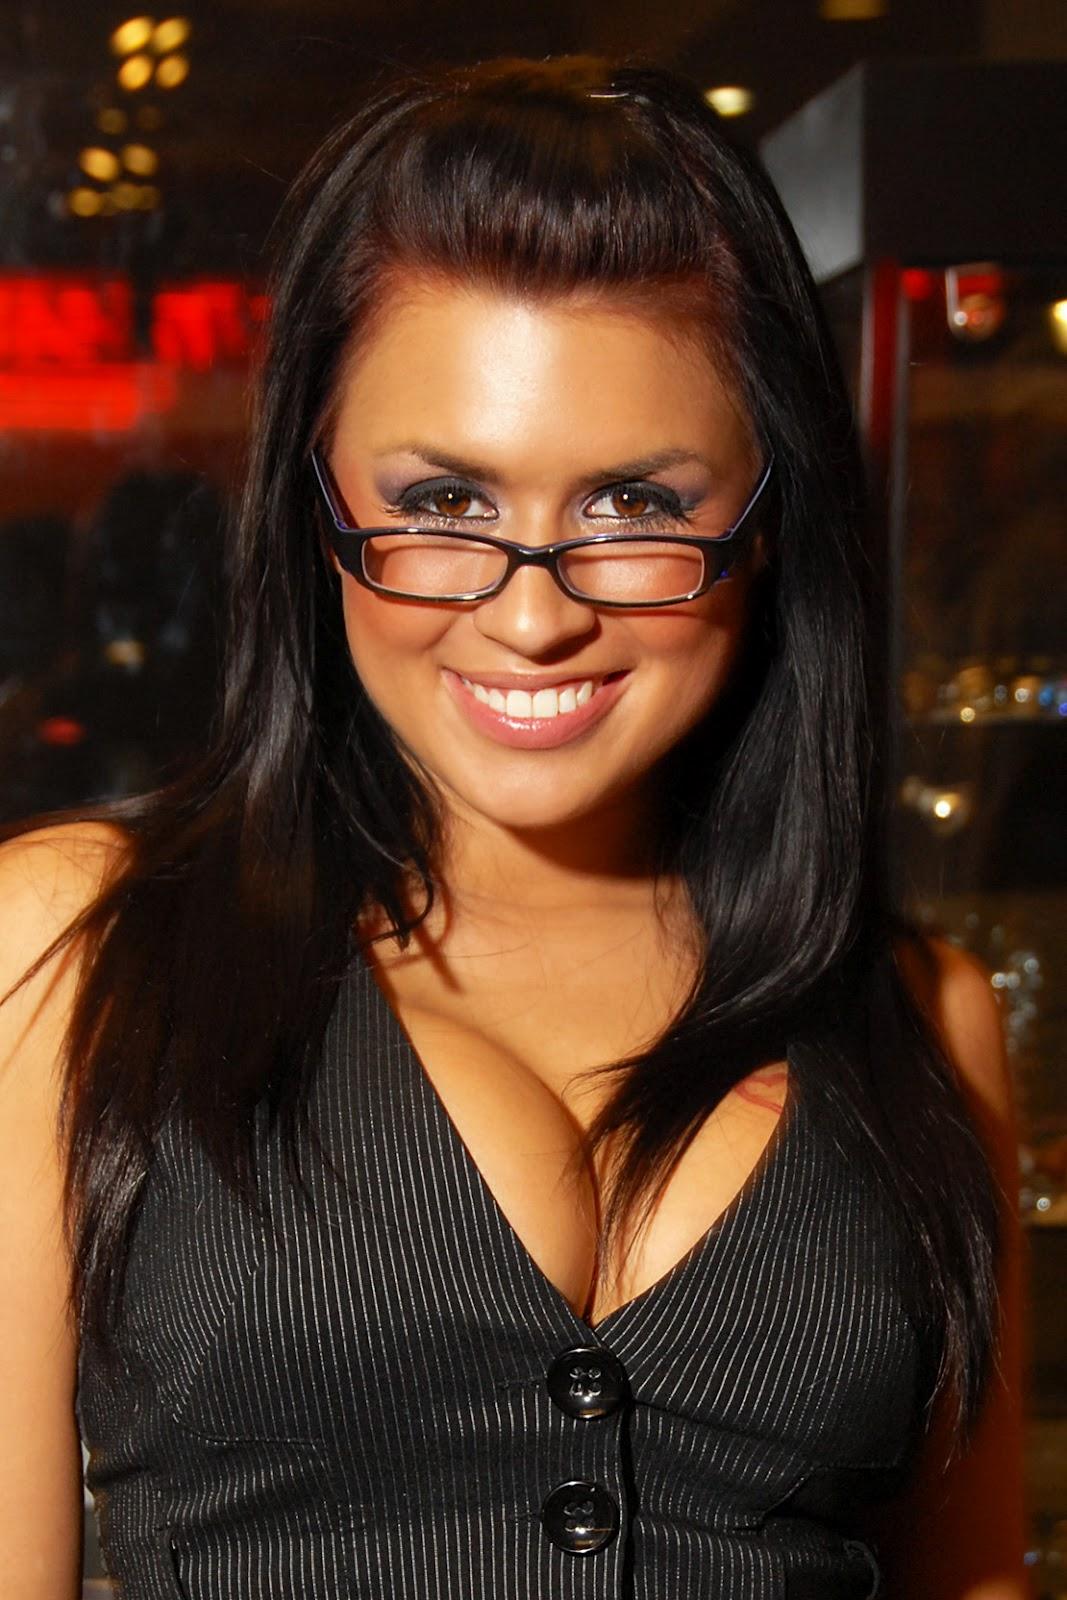 http://2.bp.blogspot.com/-Nfbujp7ZC3E/UAgPqr9WqPI/AAAAAAAACiQ/f7V-wJEDhzE/s1600/Eva+Angelina+Hot+wallpapers+(2).jpg